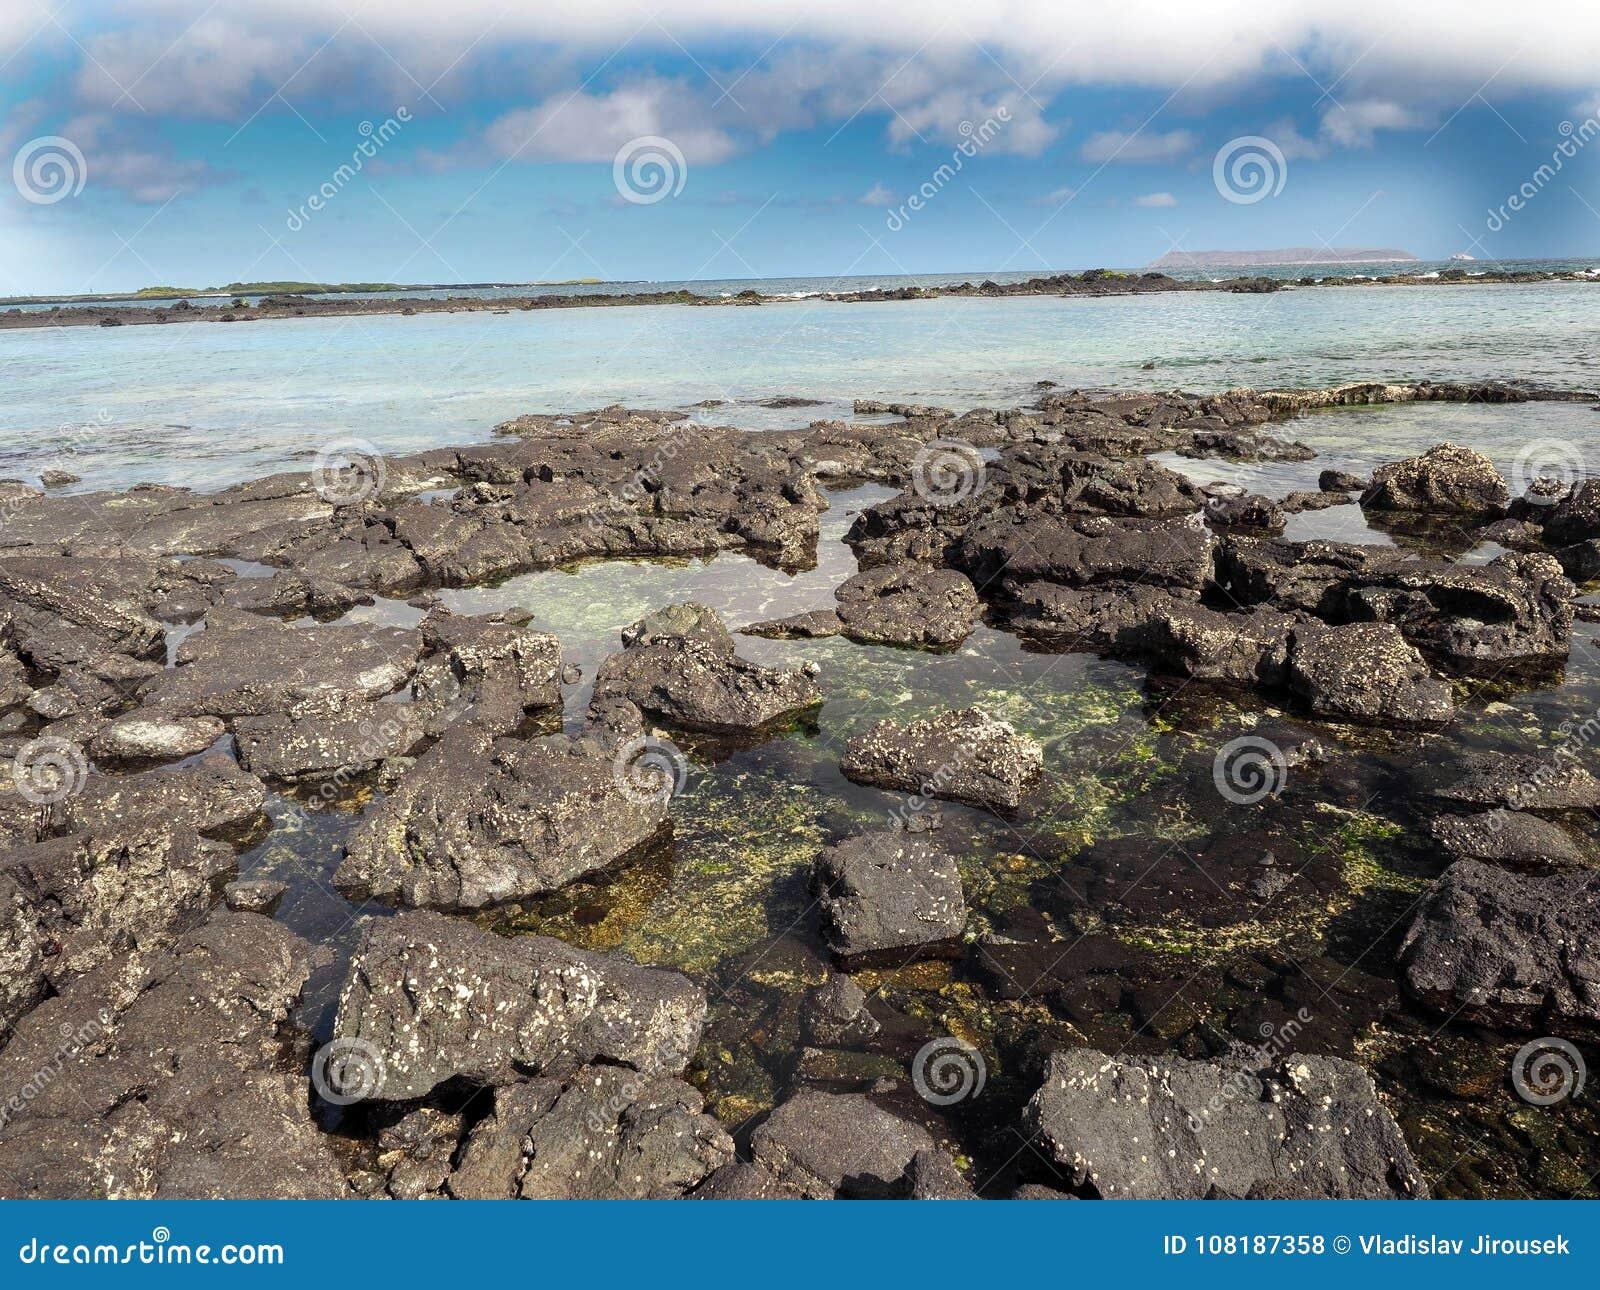 Faszerująca lawa na wyspie Islote Tintoreras upamiętnia moonland, Galapagos, Ekwador